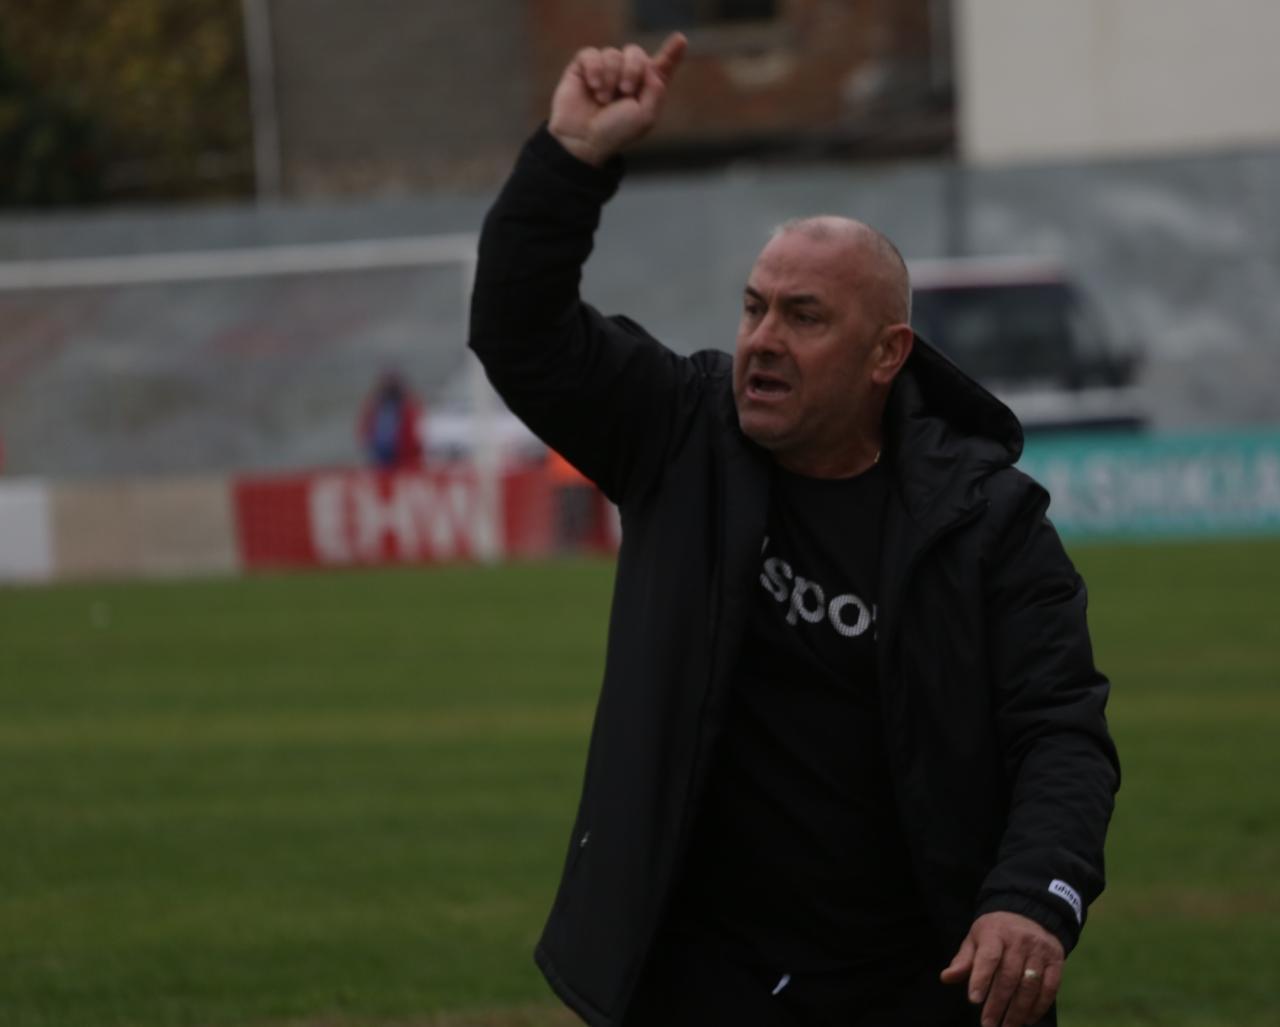 """""""Na u mohua një penallti e pastër"""", trajneri Ndreu: Ju tregoj """"çelësin"""" e suksesit të Kastriotit"""